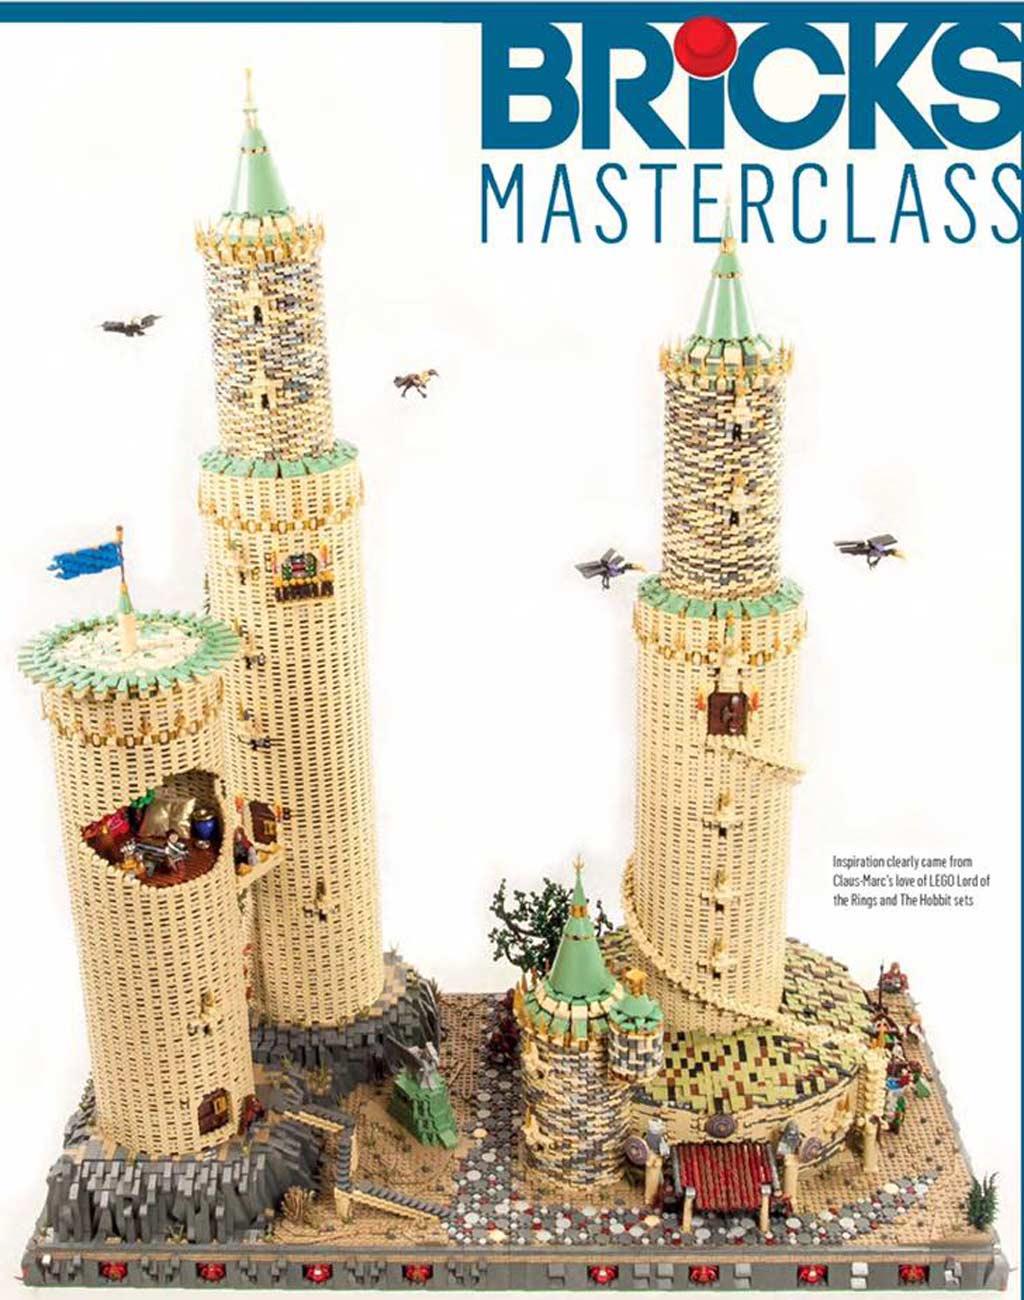 Hoch hinaus! Diesen Turm stelt Marc aus! | © Bricks / Claus-Marc-Hahn